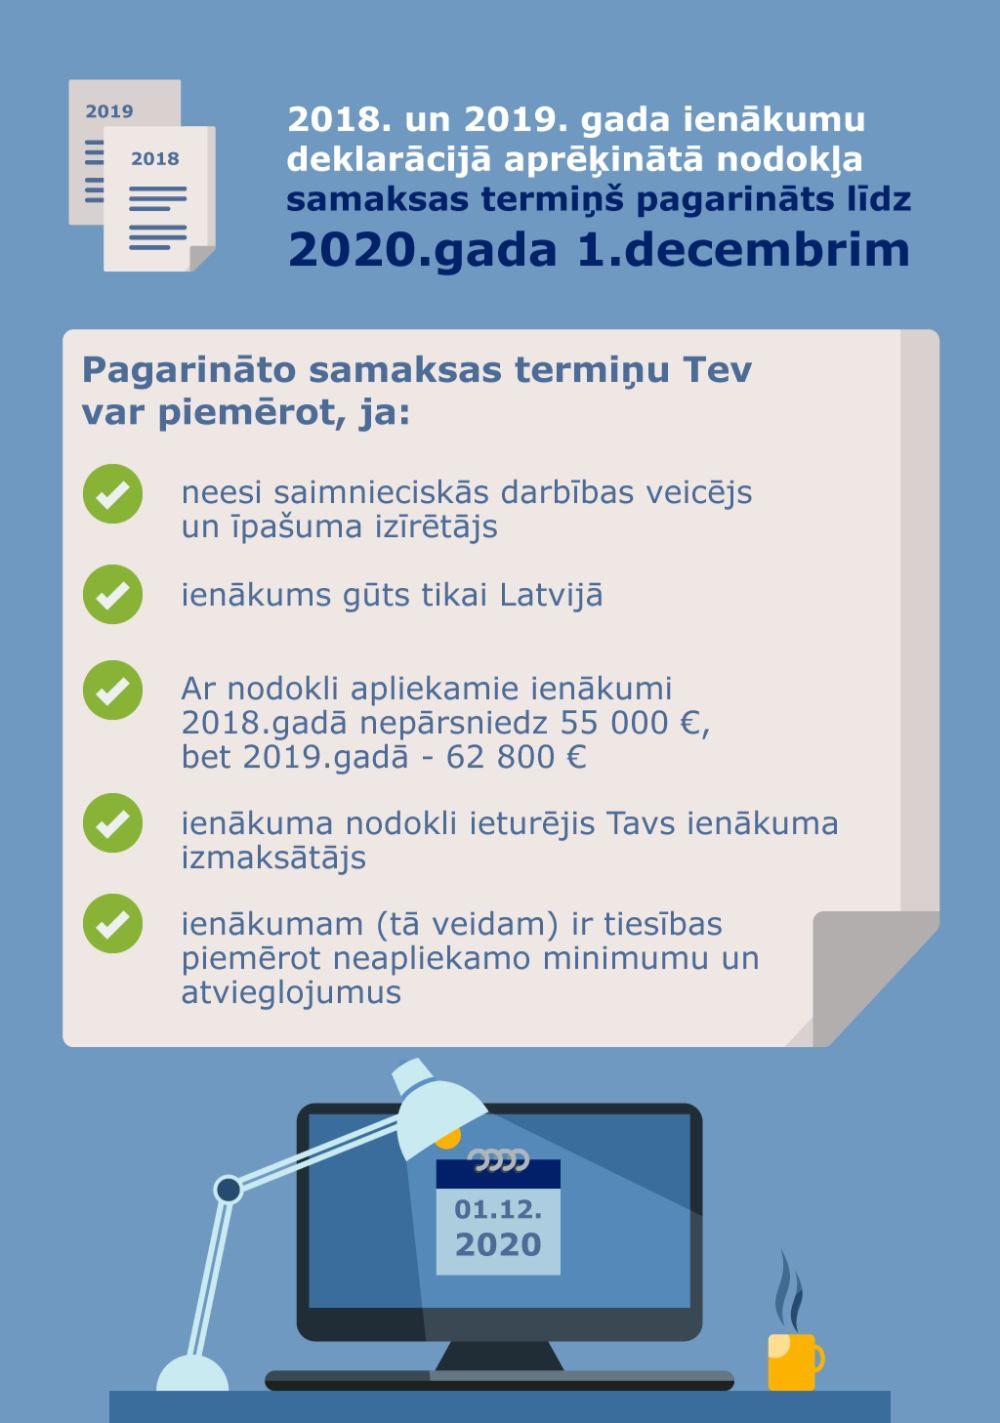 labi ienākumi internetā ar ieguldījumiem 2020)